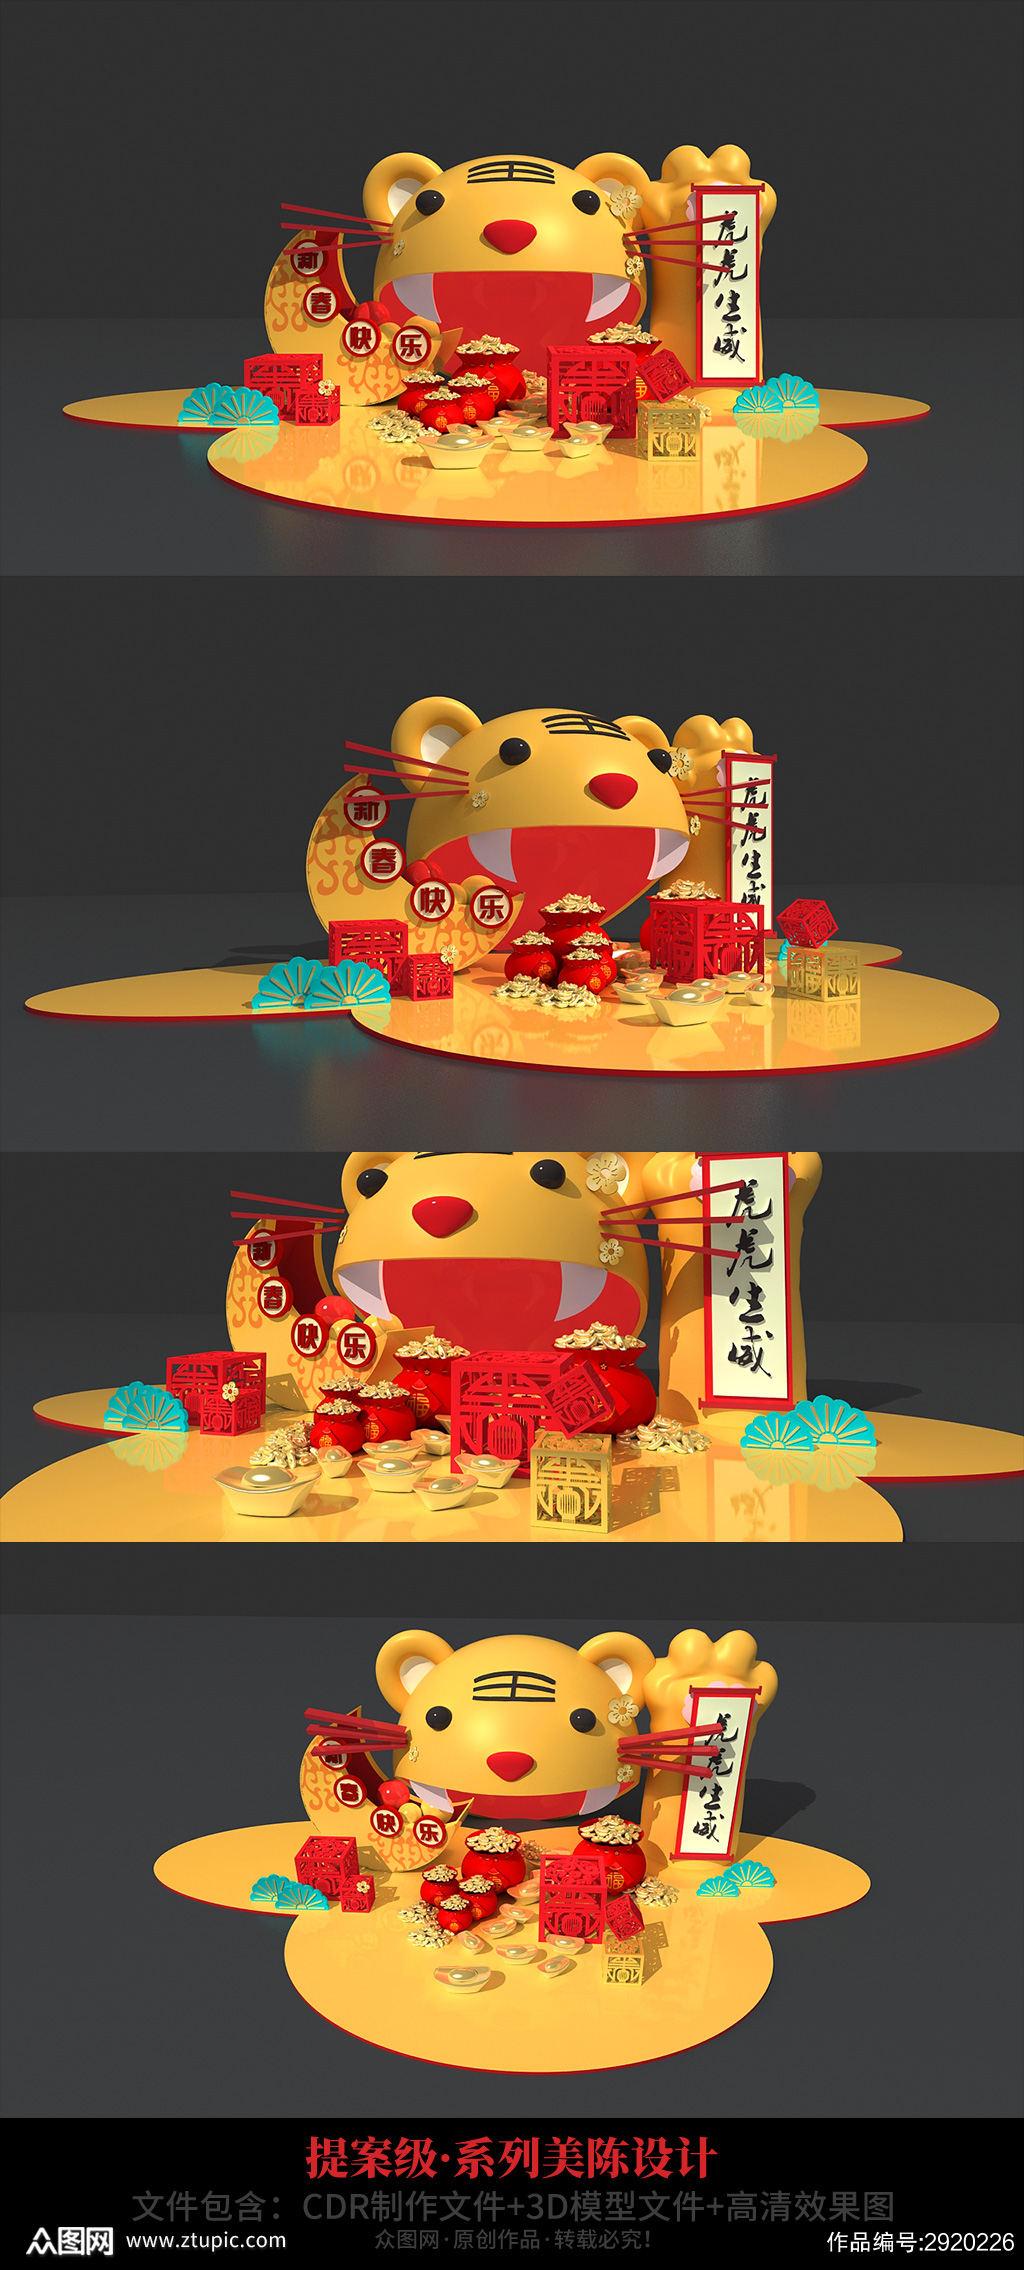 2022年春节美陈新年美陈虎年美陈素材